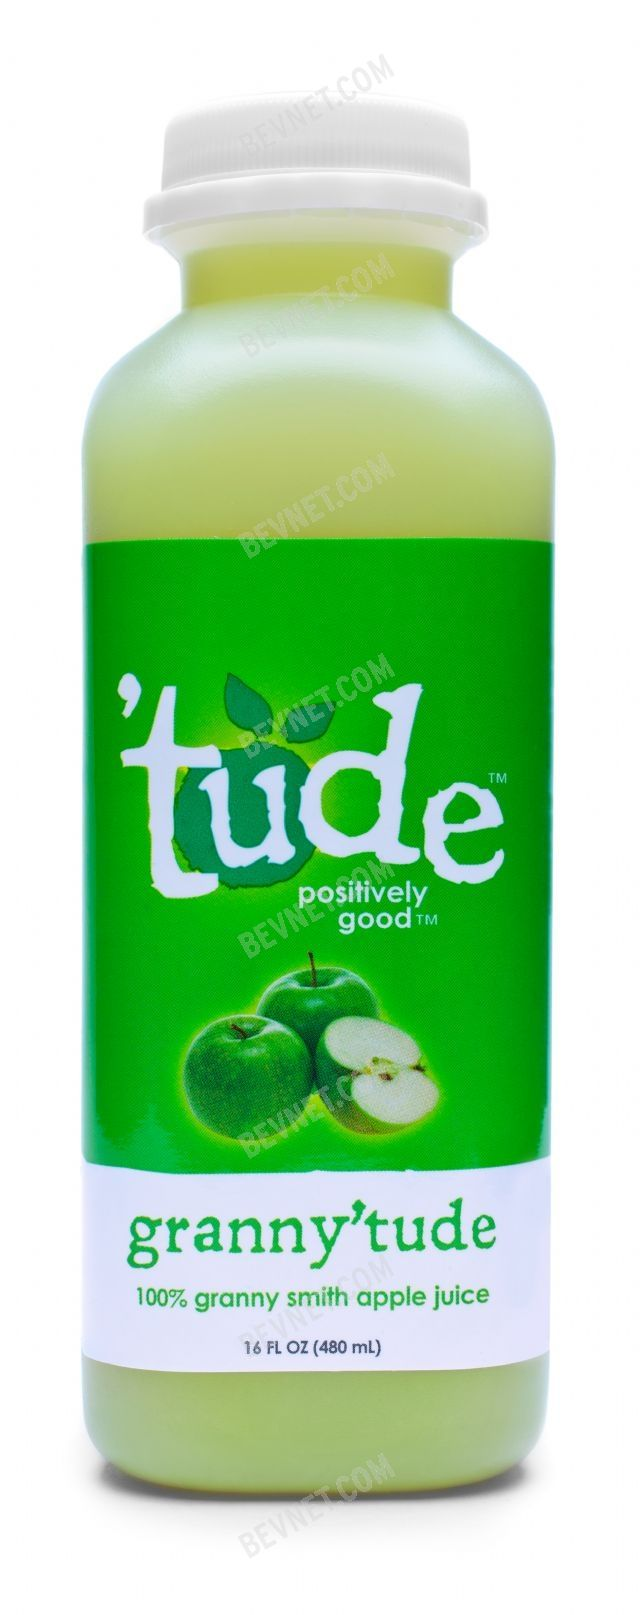 'tude juice: